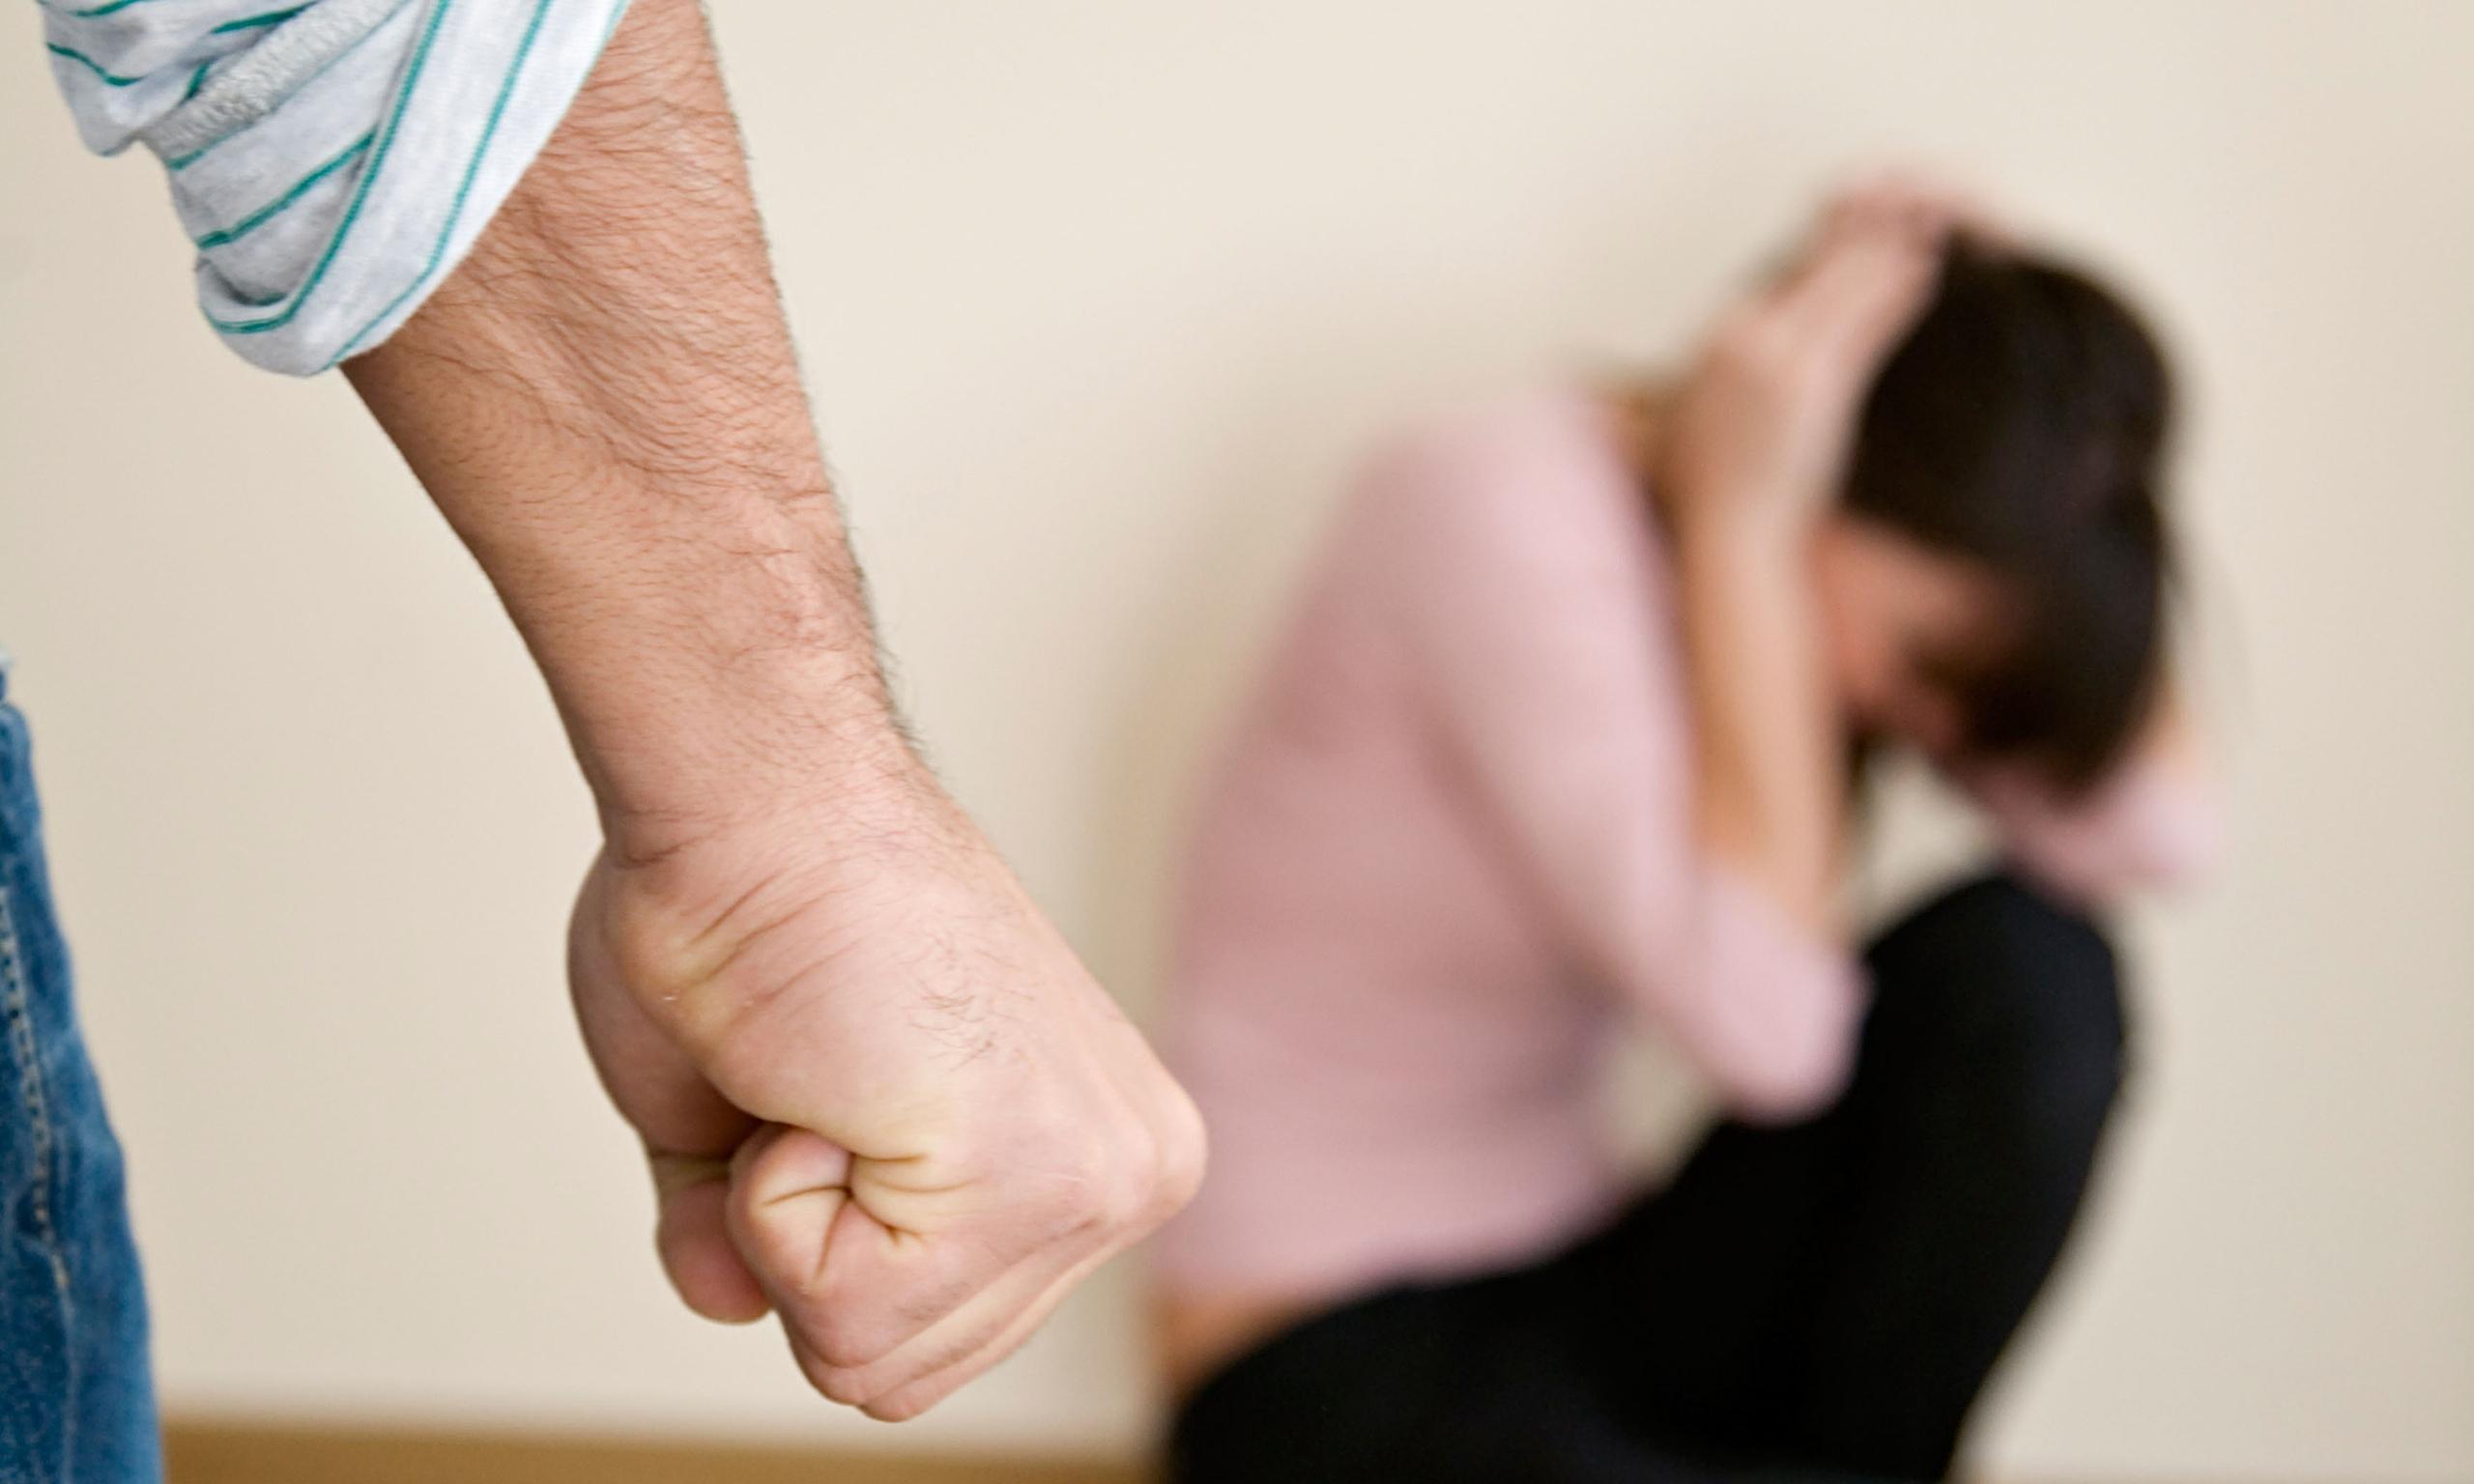 Обвиняют в избиении - советы адвокатов и юристов